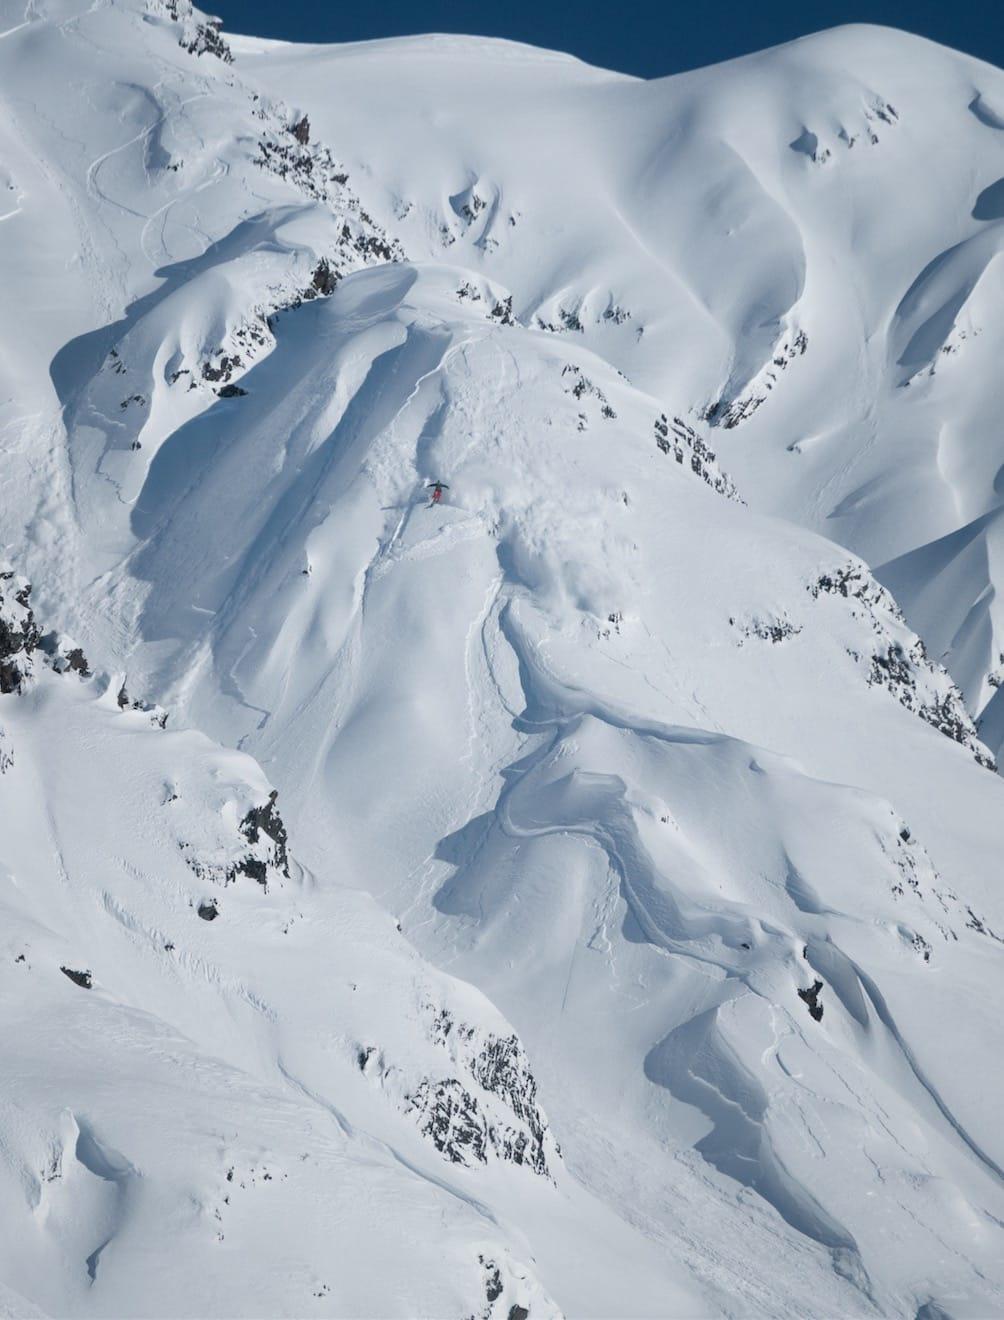 EKSOTISK: Alle drømmer om Alaska, men ikke mange drar til for å gå topptur i tre måneder. Det har Nikolai gjort, og da forholdene var bra –som de nesten aldri var- fikk han kjøre linjer som dette. Bilde: Joel Shute